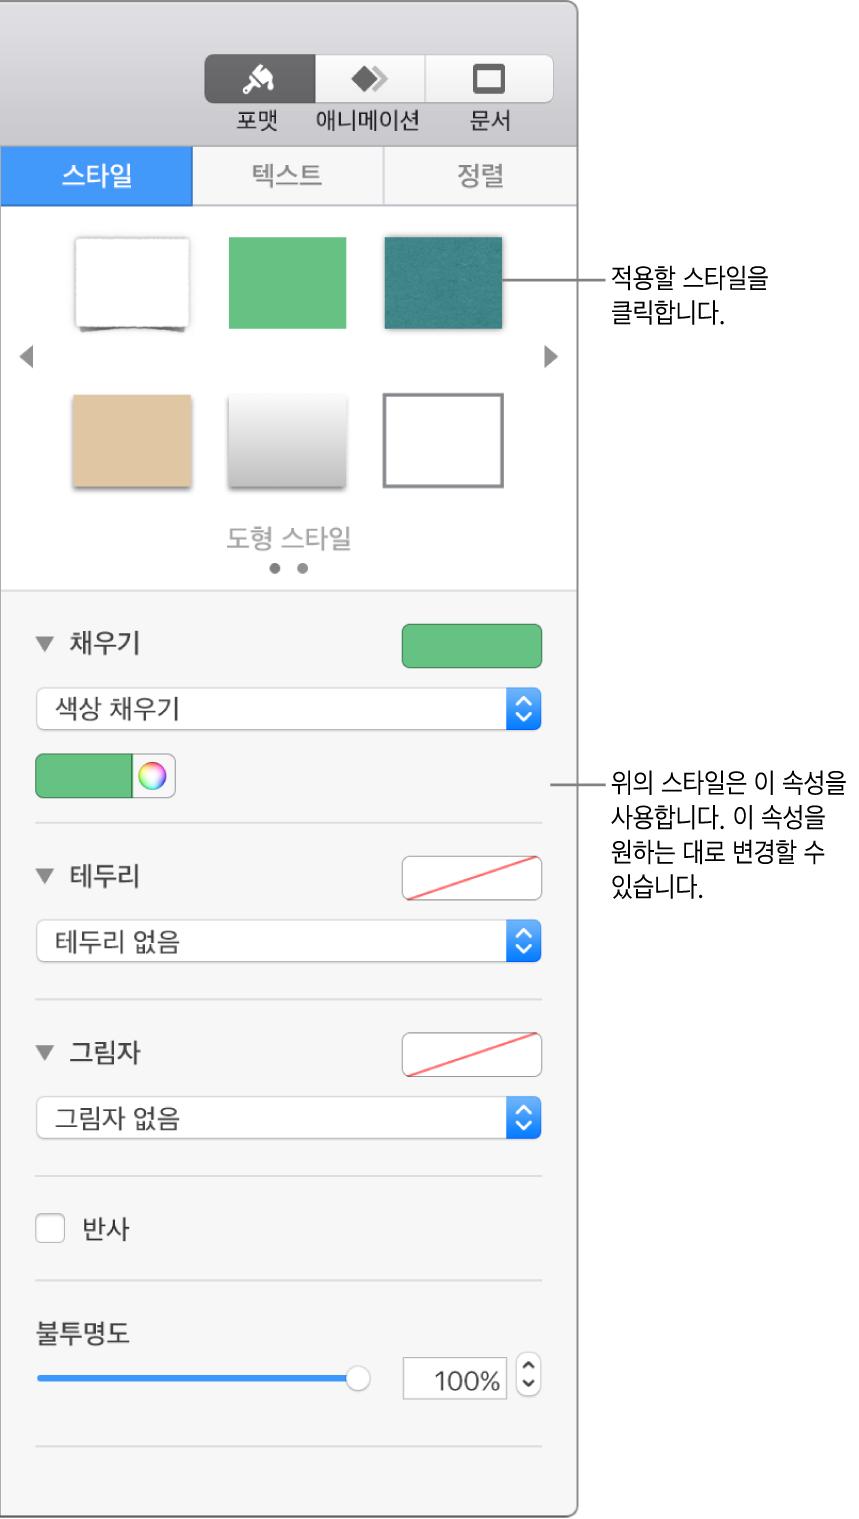 사이드바의 포맷 섹션에 있는 도형 스타일 및 옵션.